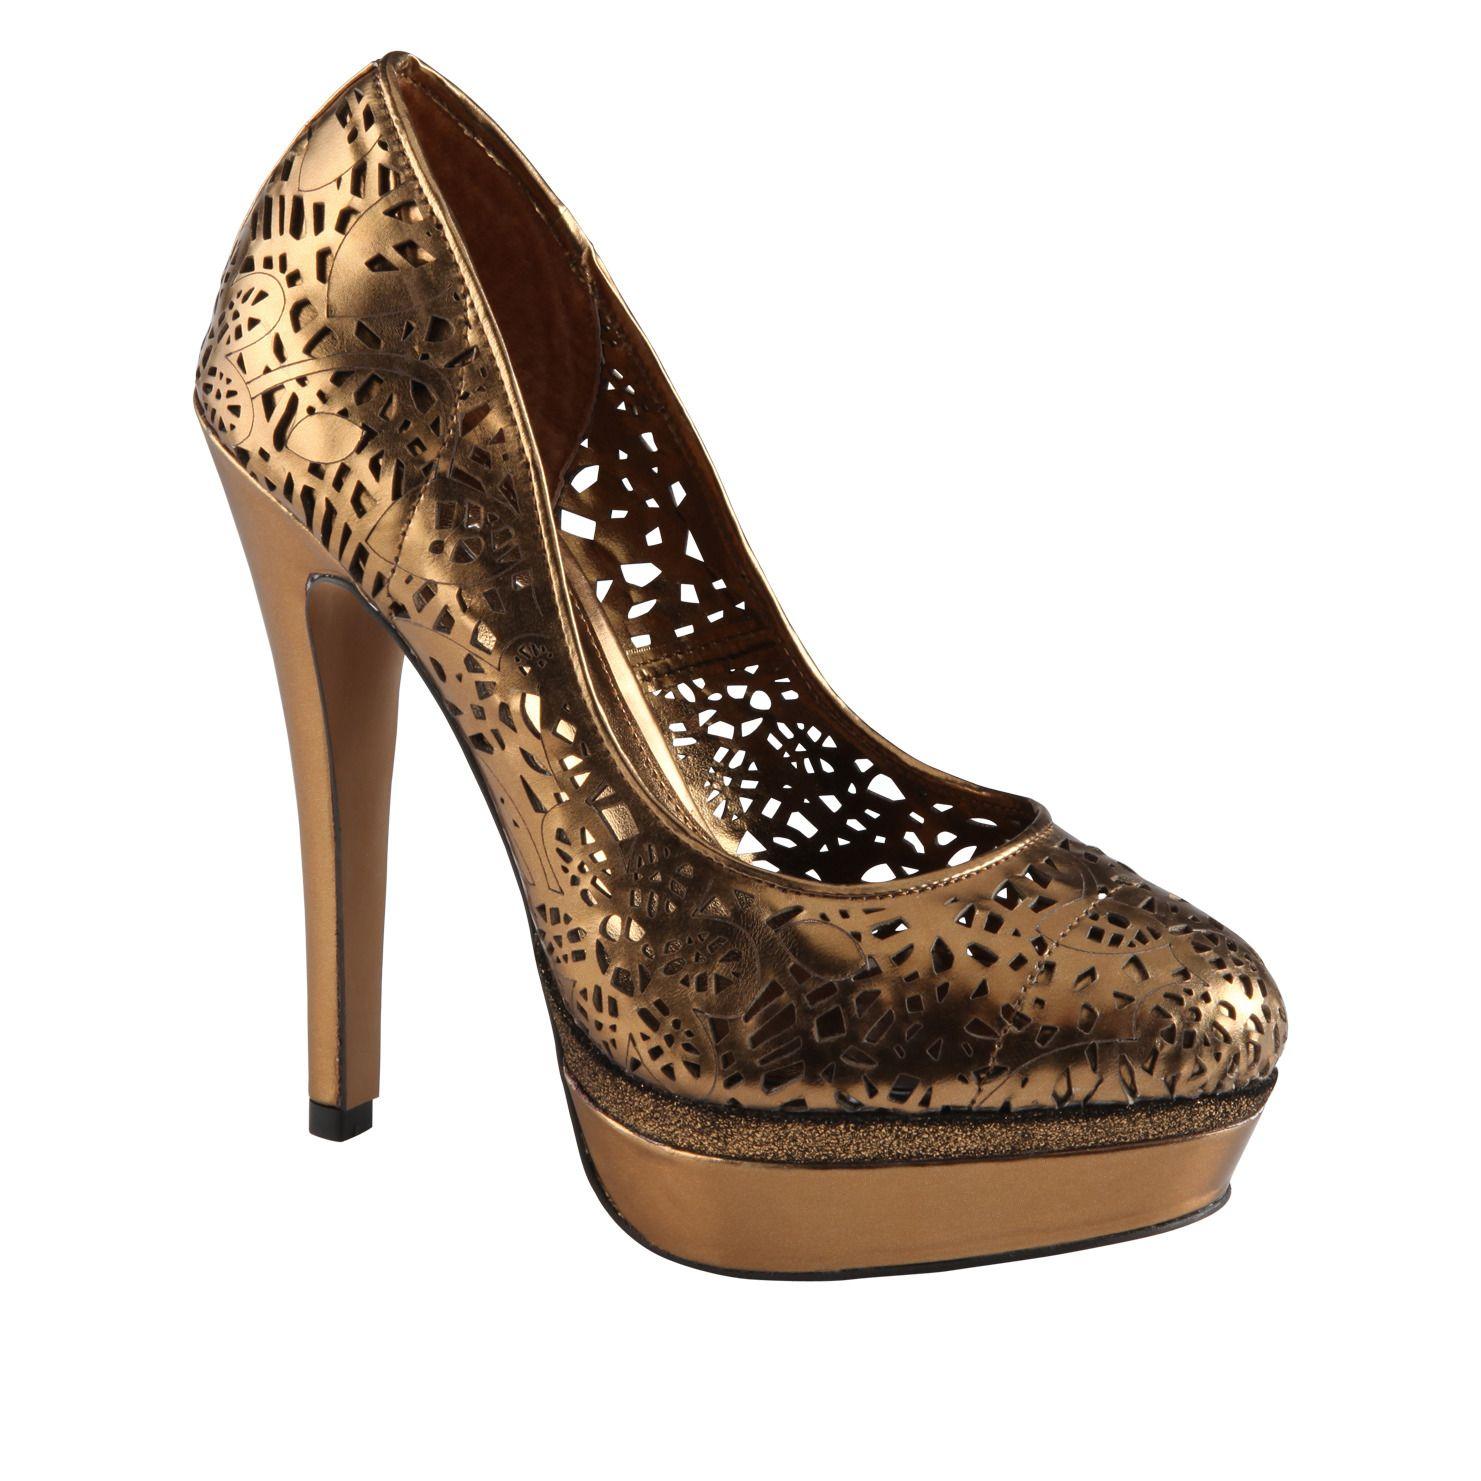 ALDO women's platform pumps #Grandisland aldoshoes.com #ALDO40 #shoecloset